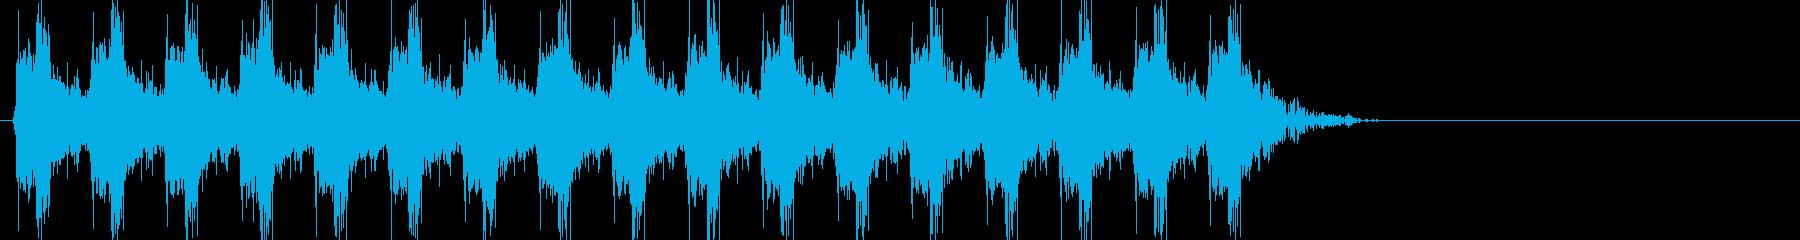 ドドドドドドドドド(銃声、連射)の再生済みの波形